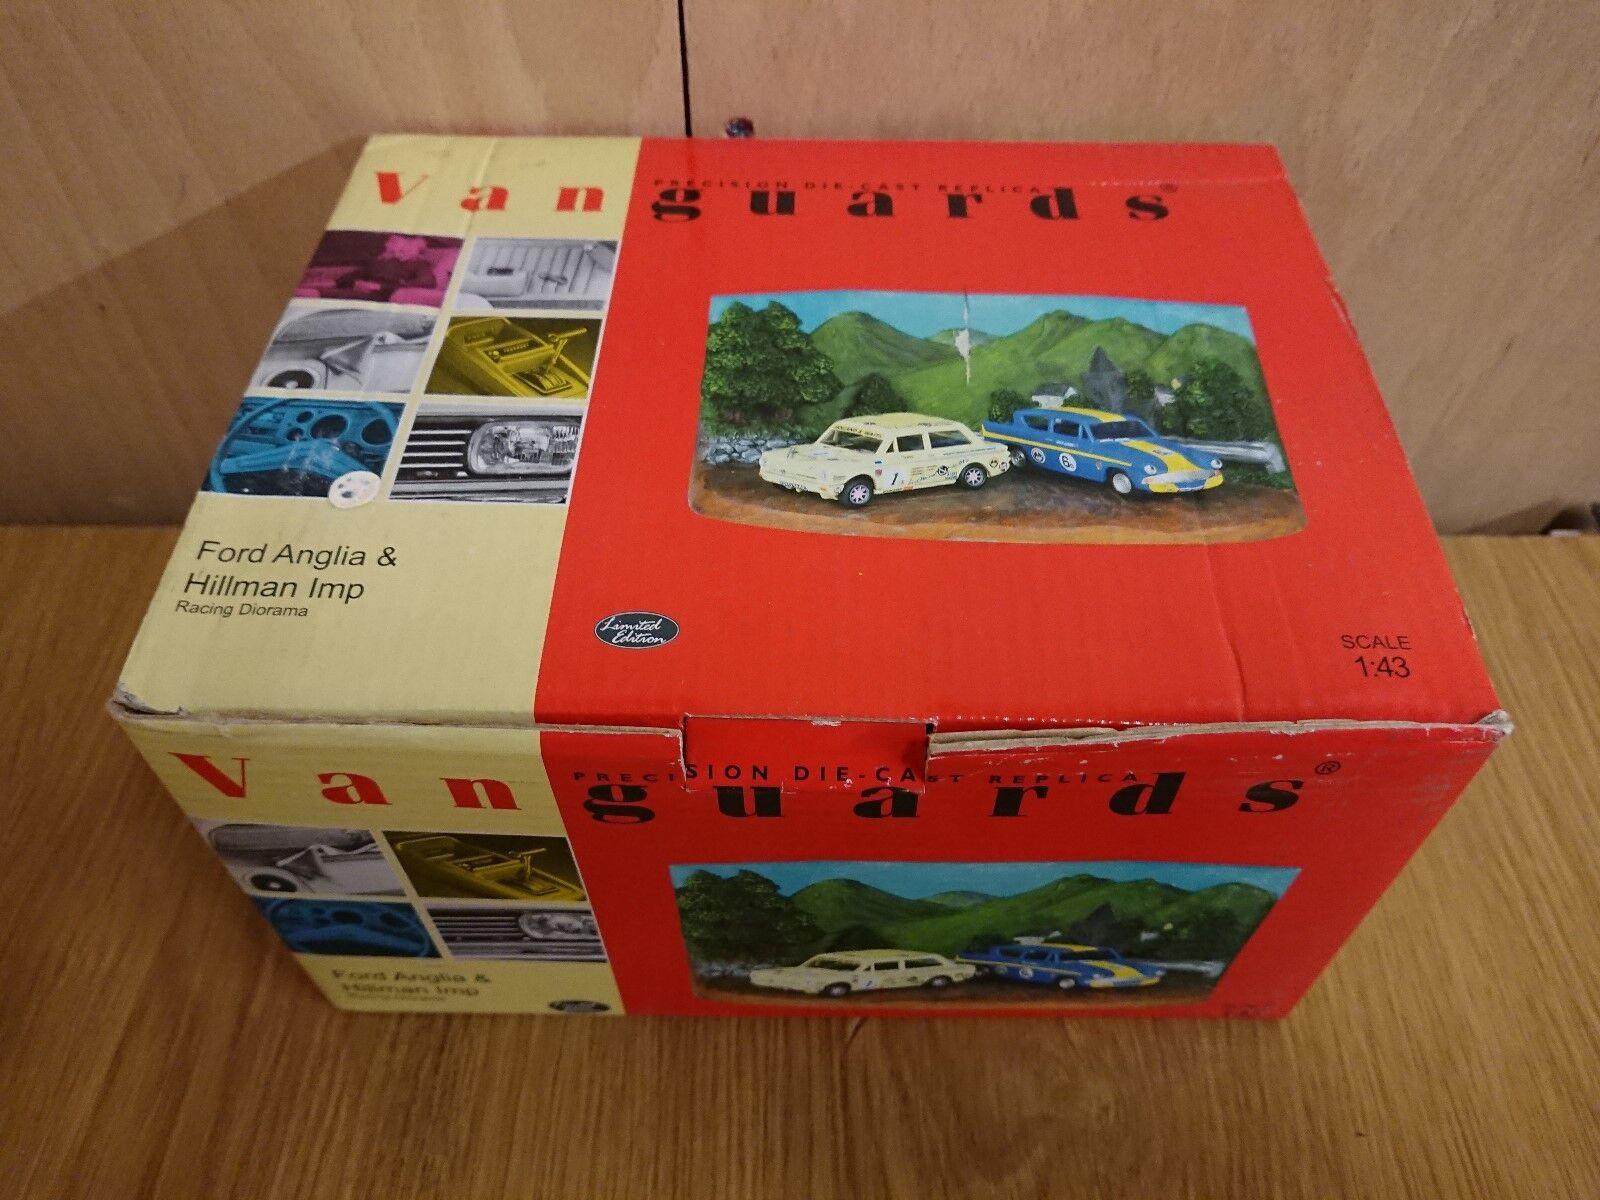 Corgi Vanguards RD3002 Ford Anglia Hillman Imp carrera Diorama Ltd Ed 2457 de 2600